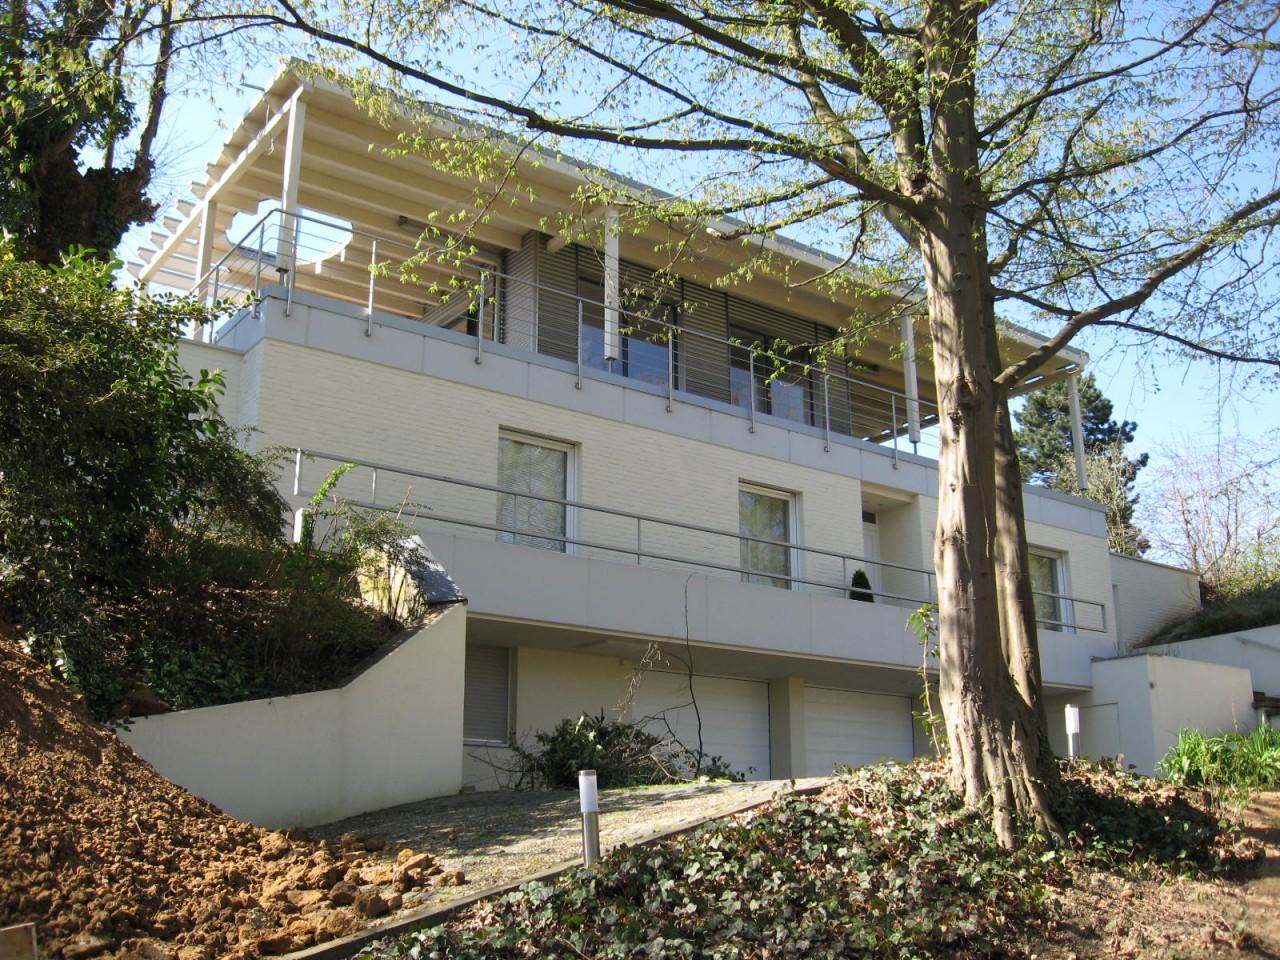 Umbau und Aufstockung eines Einfamilienwohnhauses